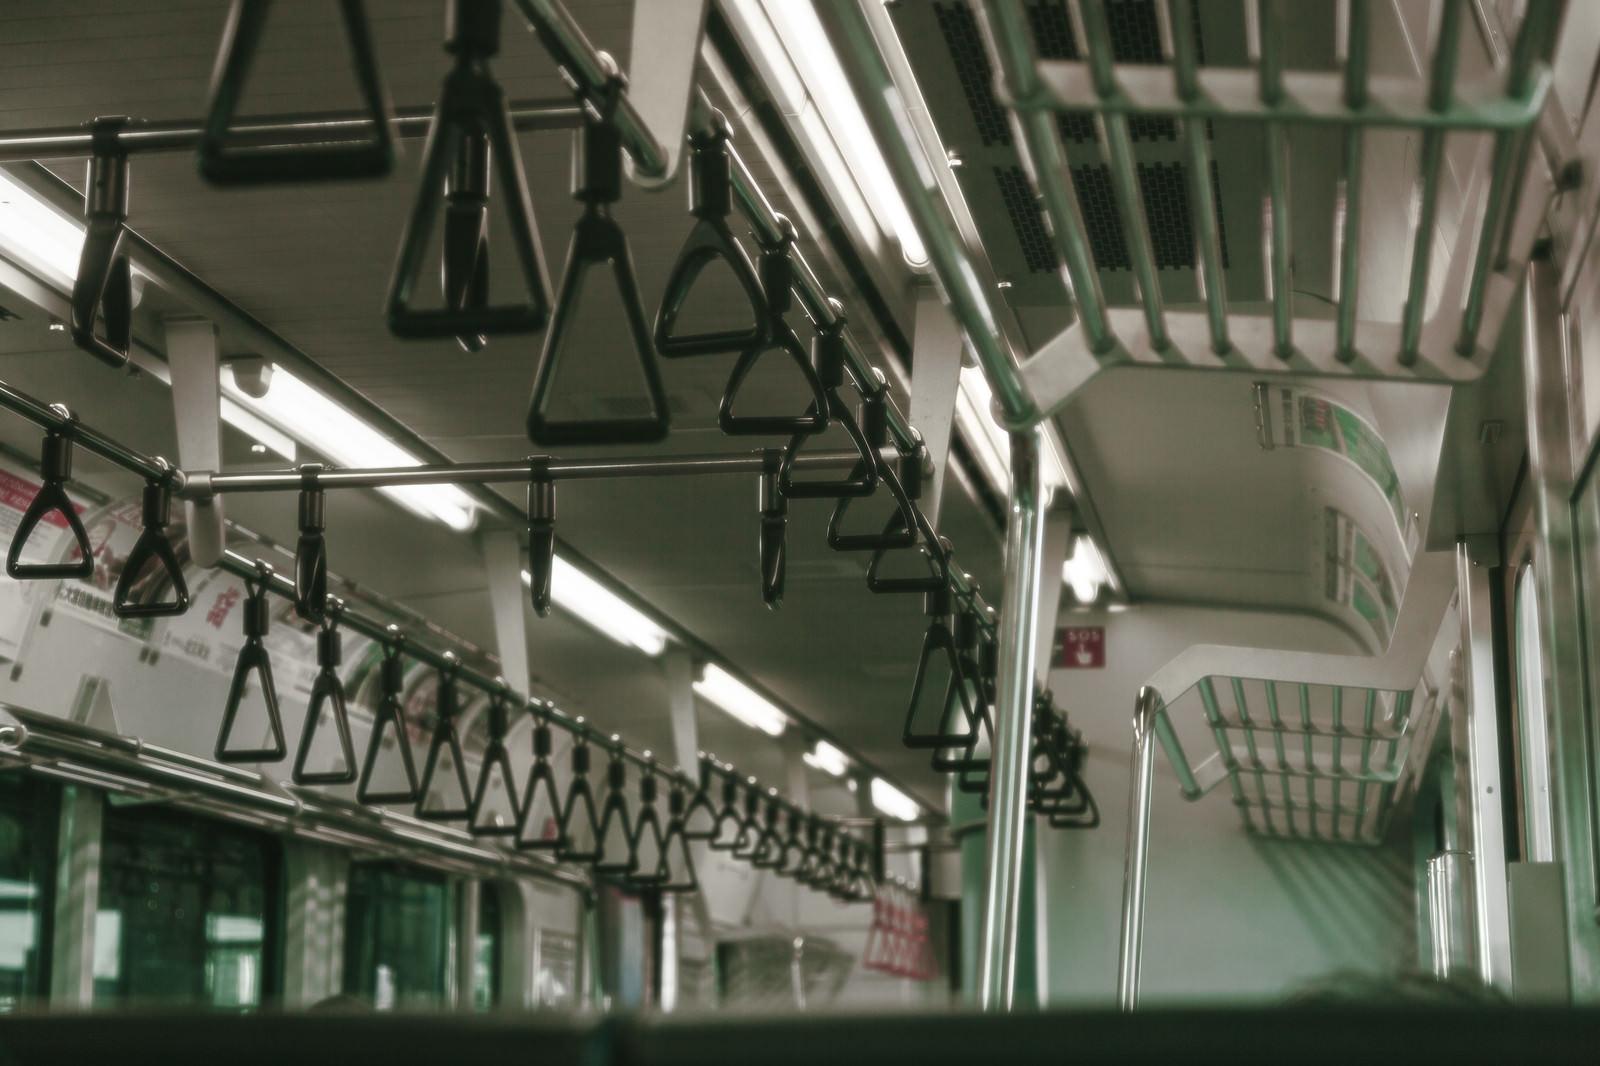 「電車内の吊革」の写真